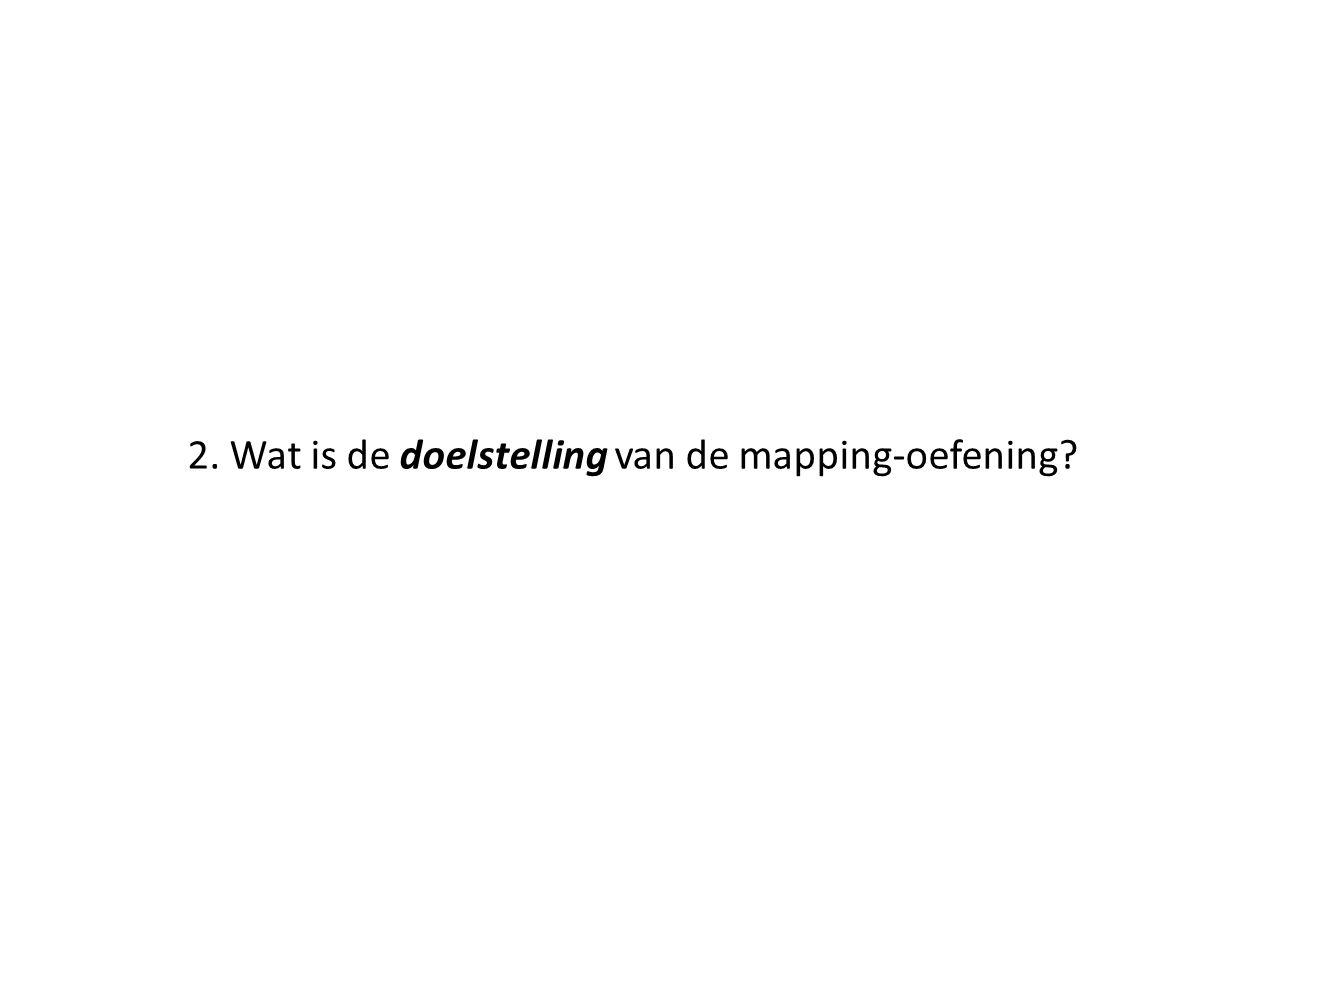 2. Wat is de doelstelling van de mapping-oefening